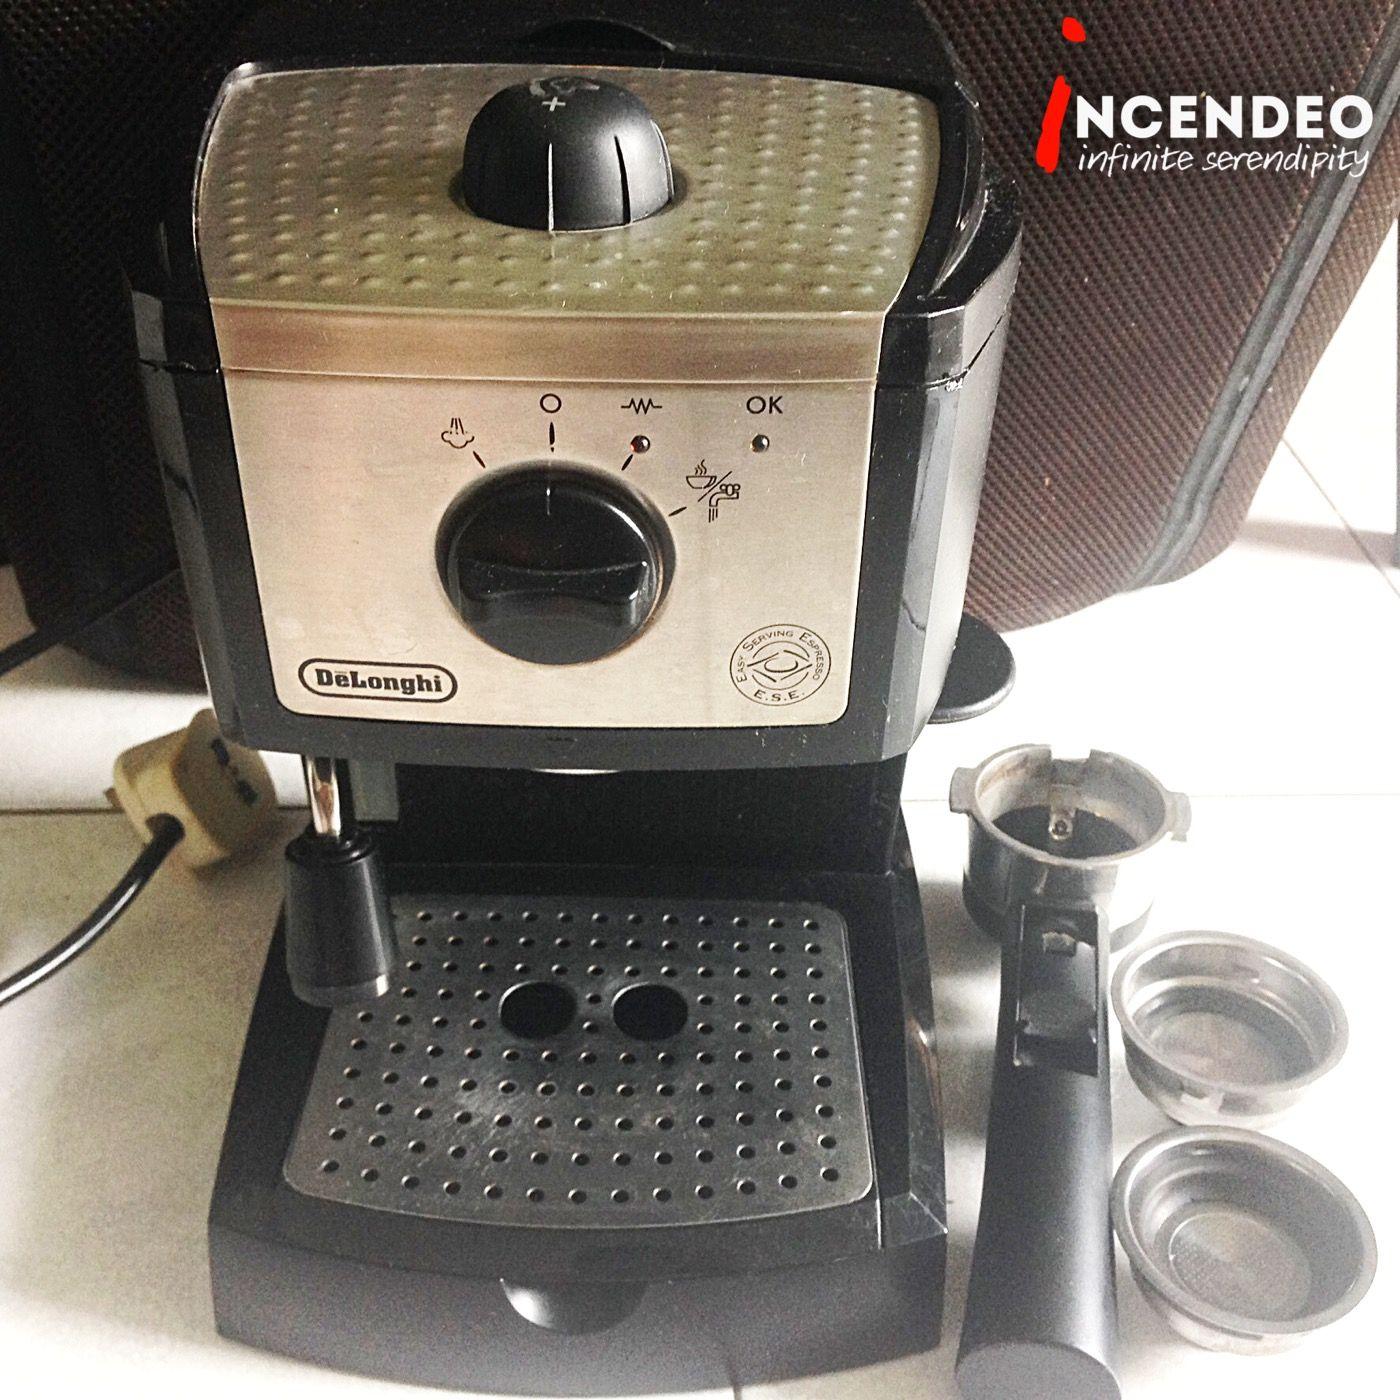 De'Longhi EC155 Espresso and Cappuccino Maker. delonghi